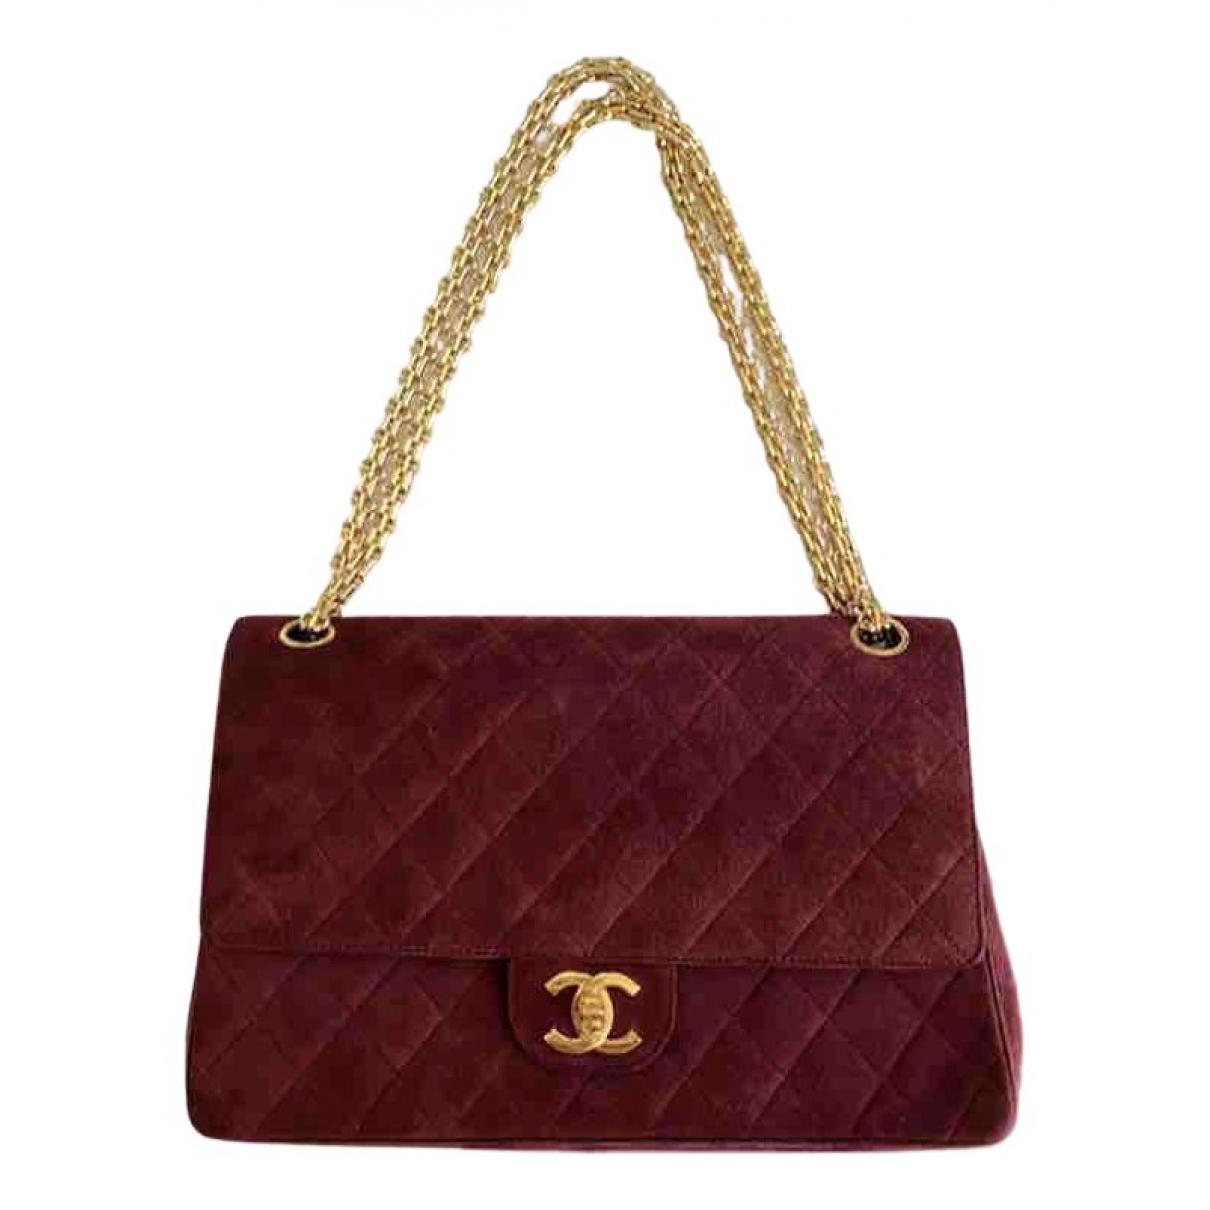 Chanel - Sac a main Timeless/Classique pour femme en suede - rouge